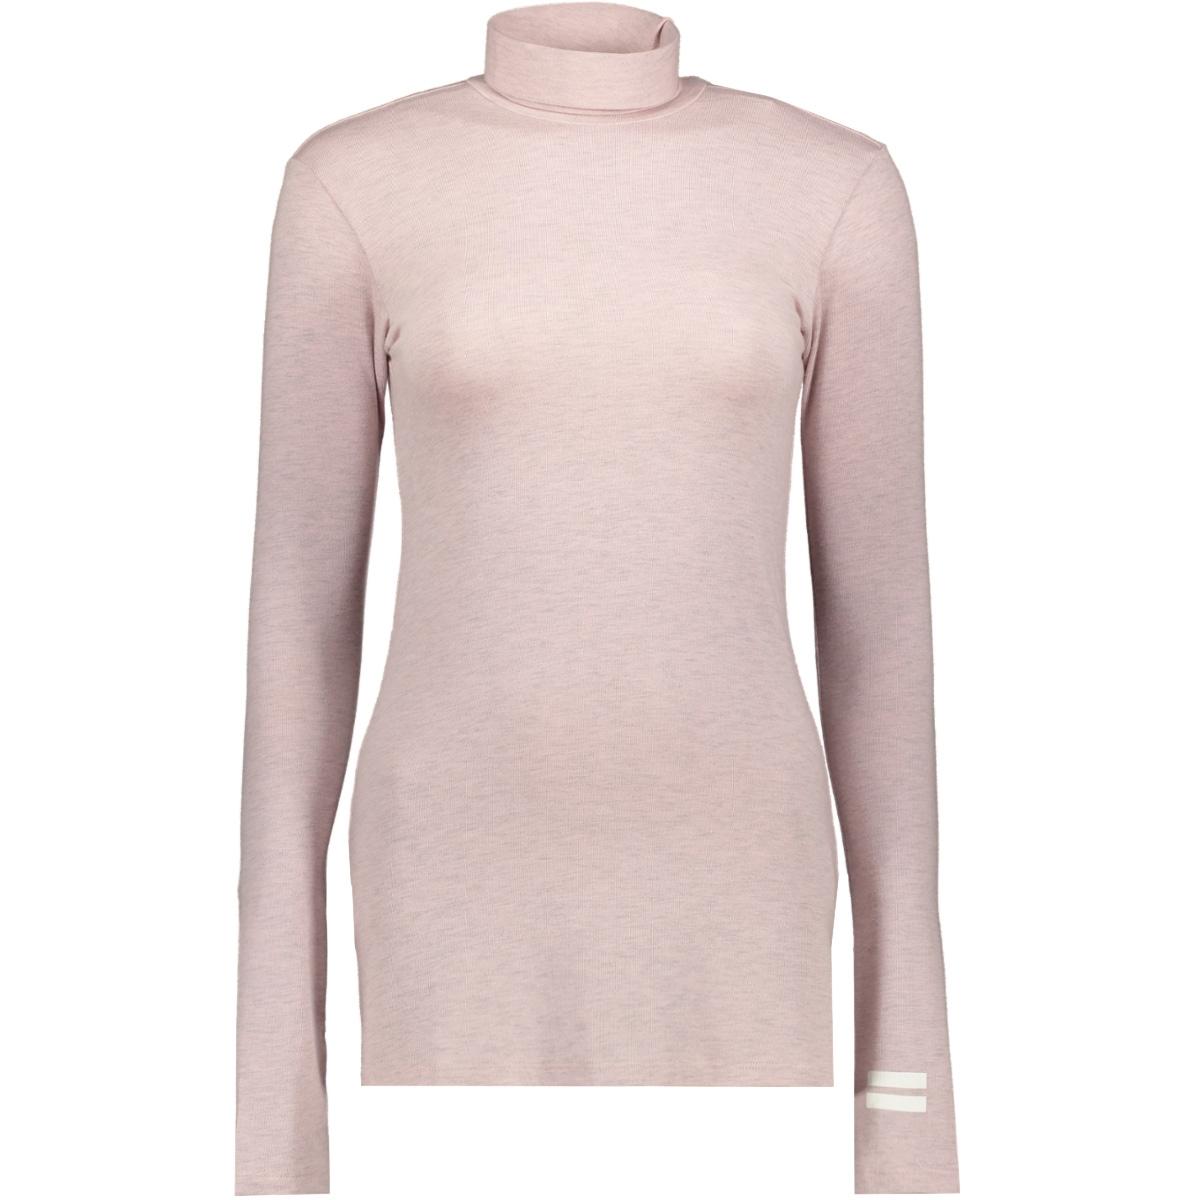 high neck tee 20 772 9104 10 days t-shirt light pink melee